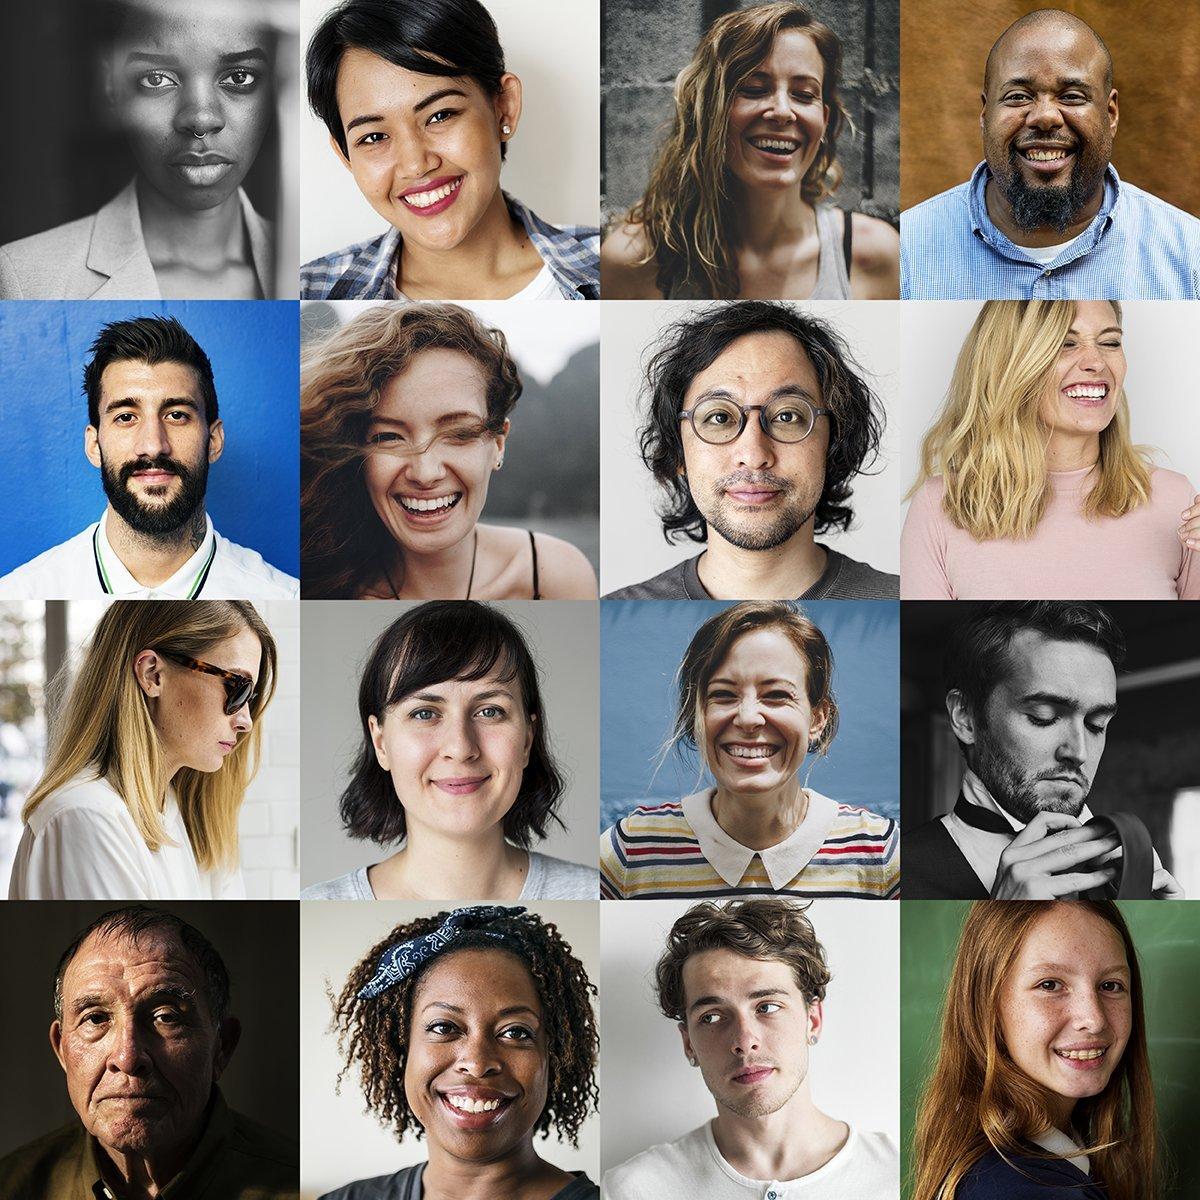 Fotografie di diverse persone